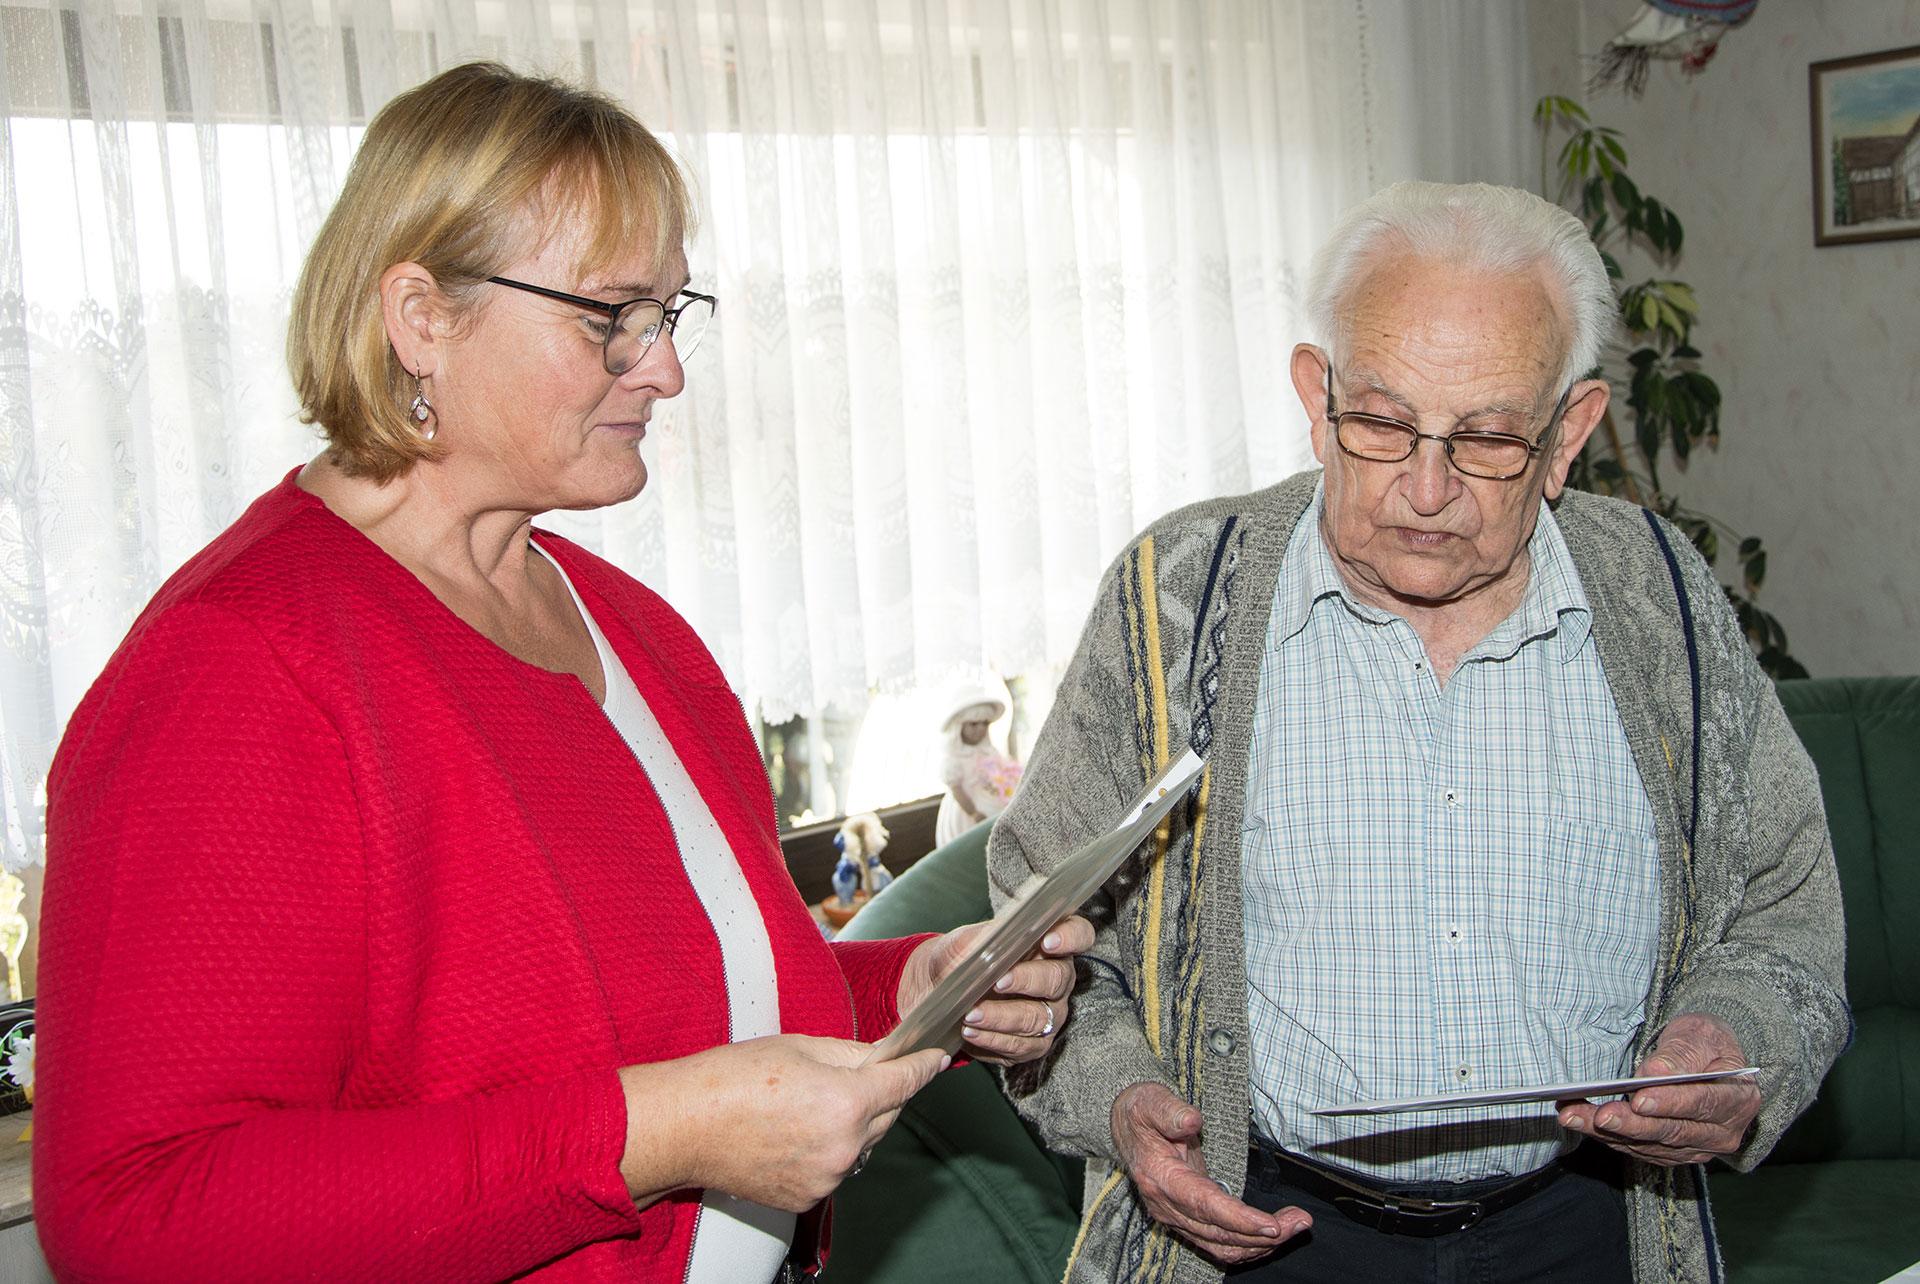 Nora Mannel vom Gemeindevorstand überbrachte die Glückwünsche des SPD-Ortsvereins zum 90. Geburtstag von Hans Fischer.